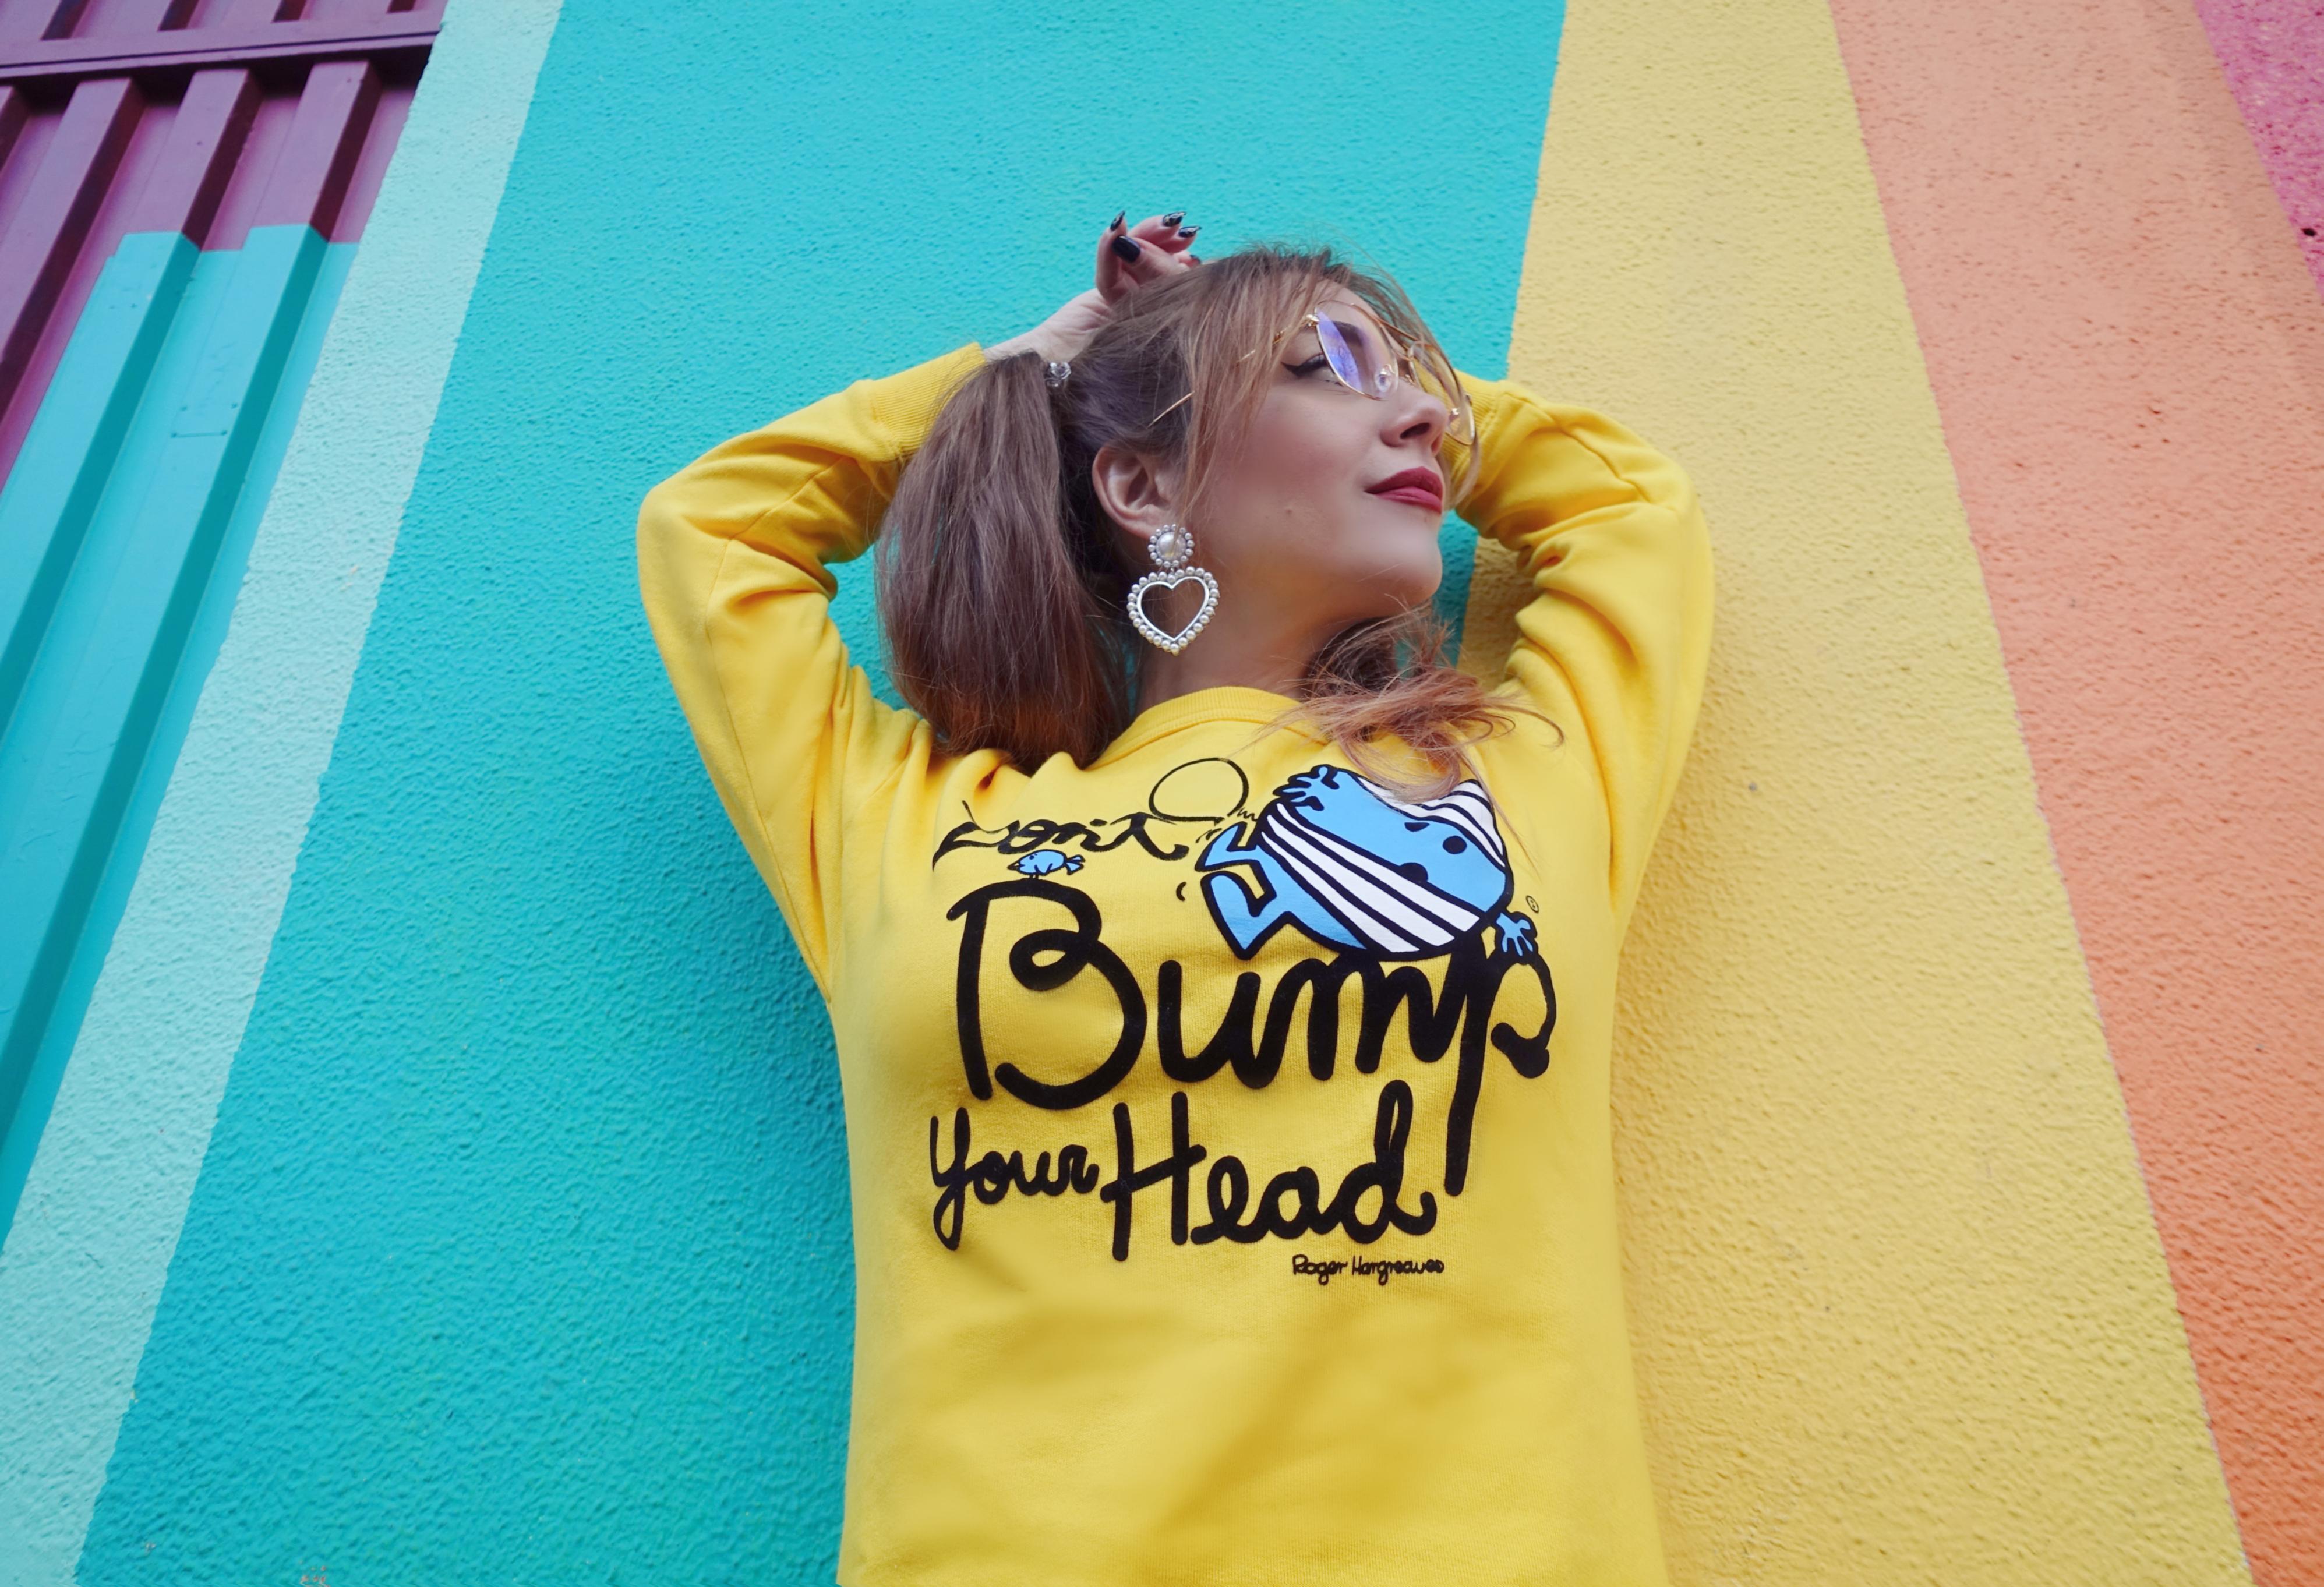 hk-chocoolate-clothes-Chicadicta-blog-de-moda-PiensaenChic-fashionista-sudaderas-de colores-gafas-doradas-ootd-chic-adicta-Piensa-en-Chic